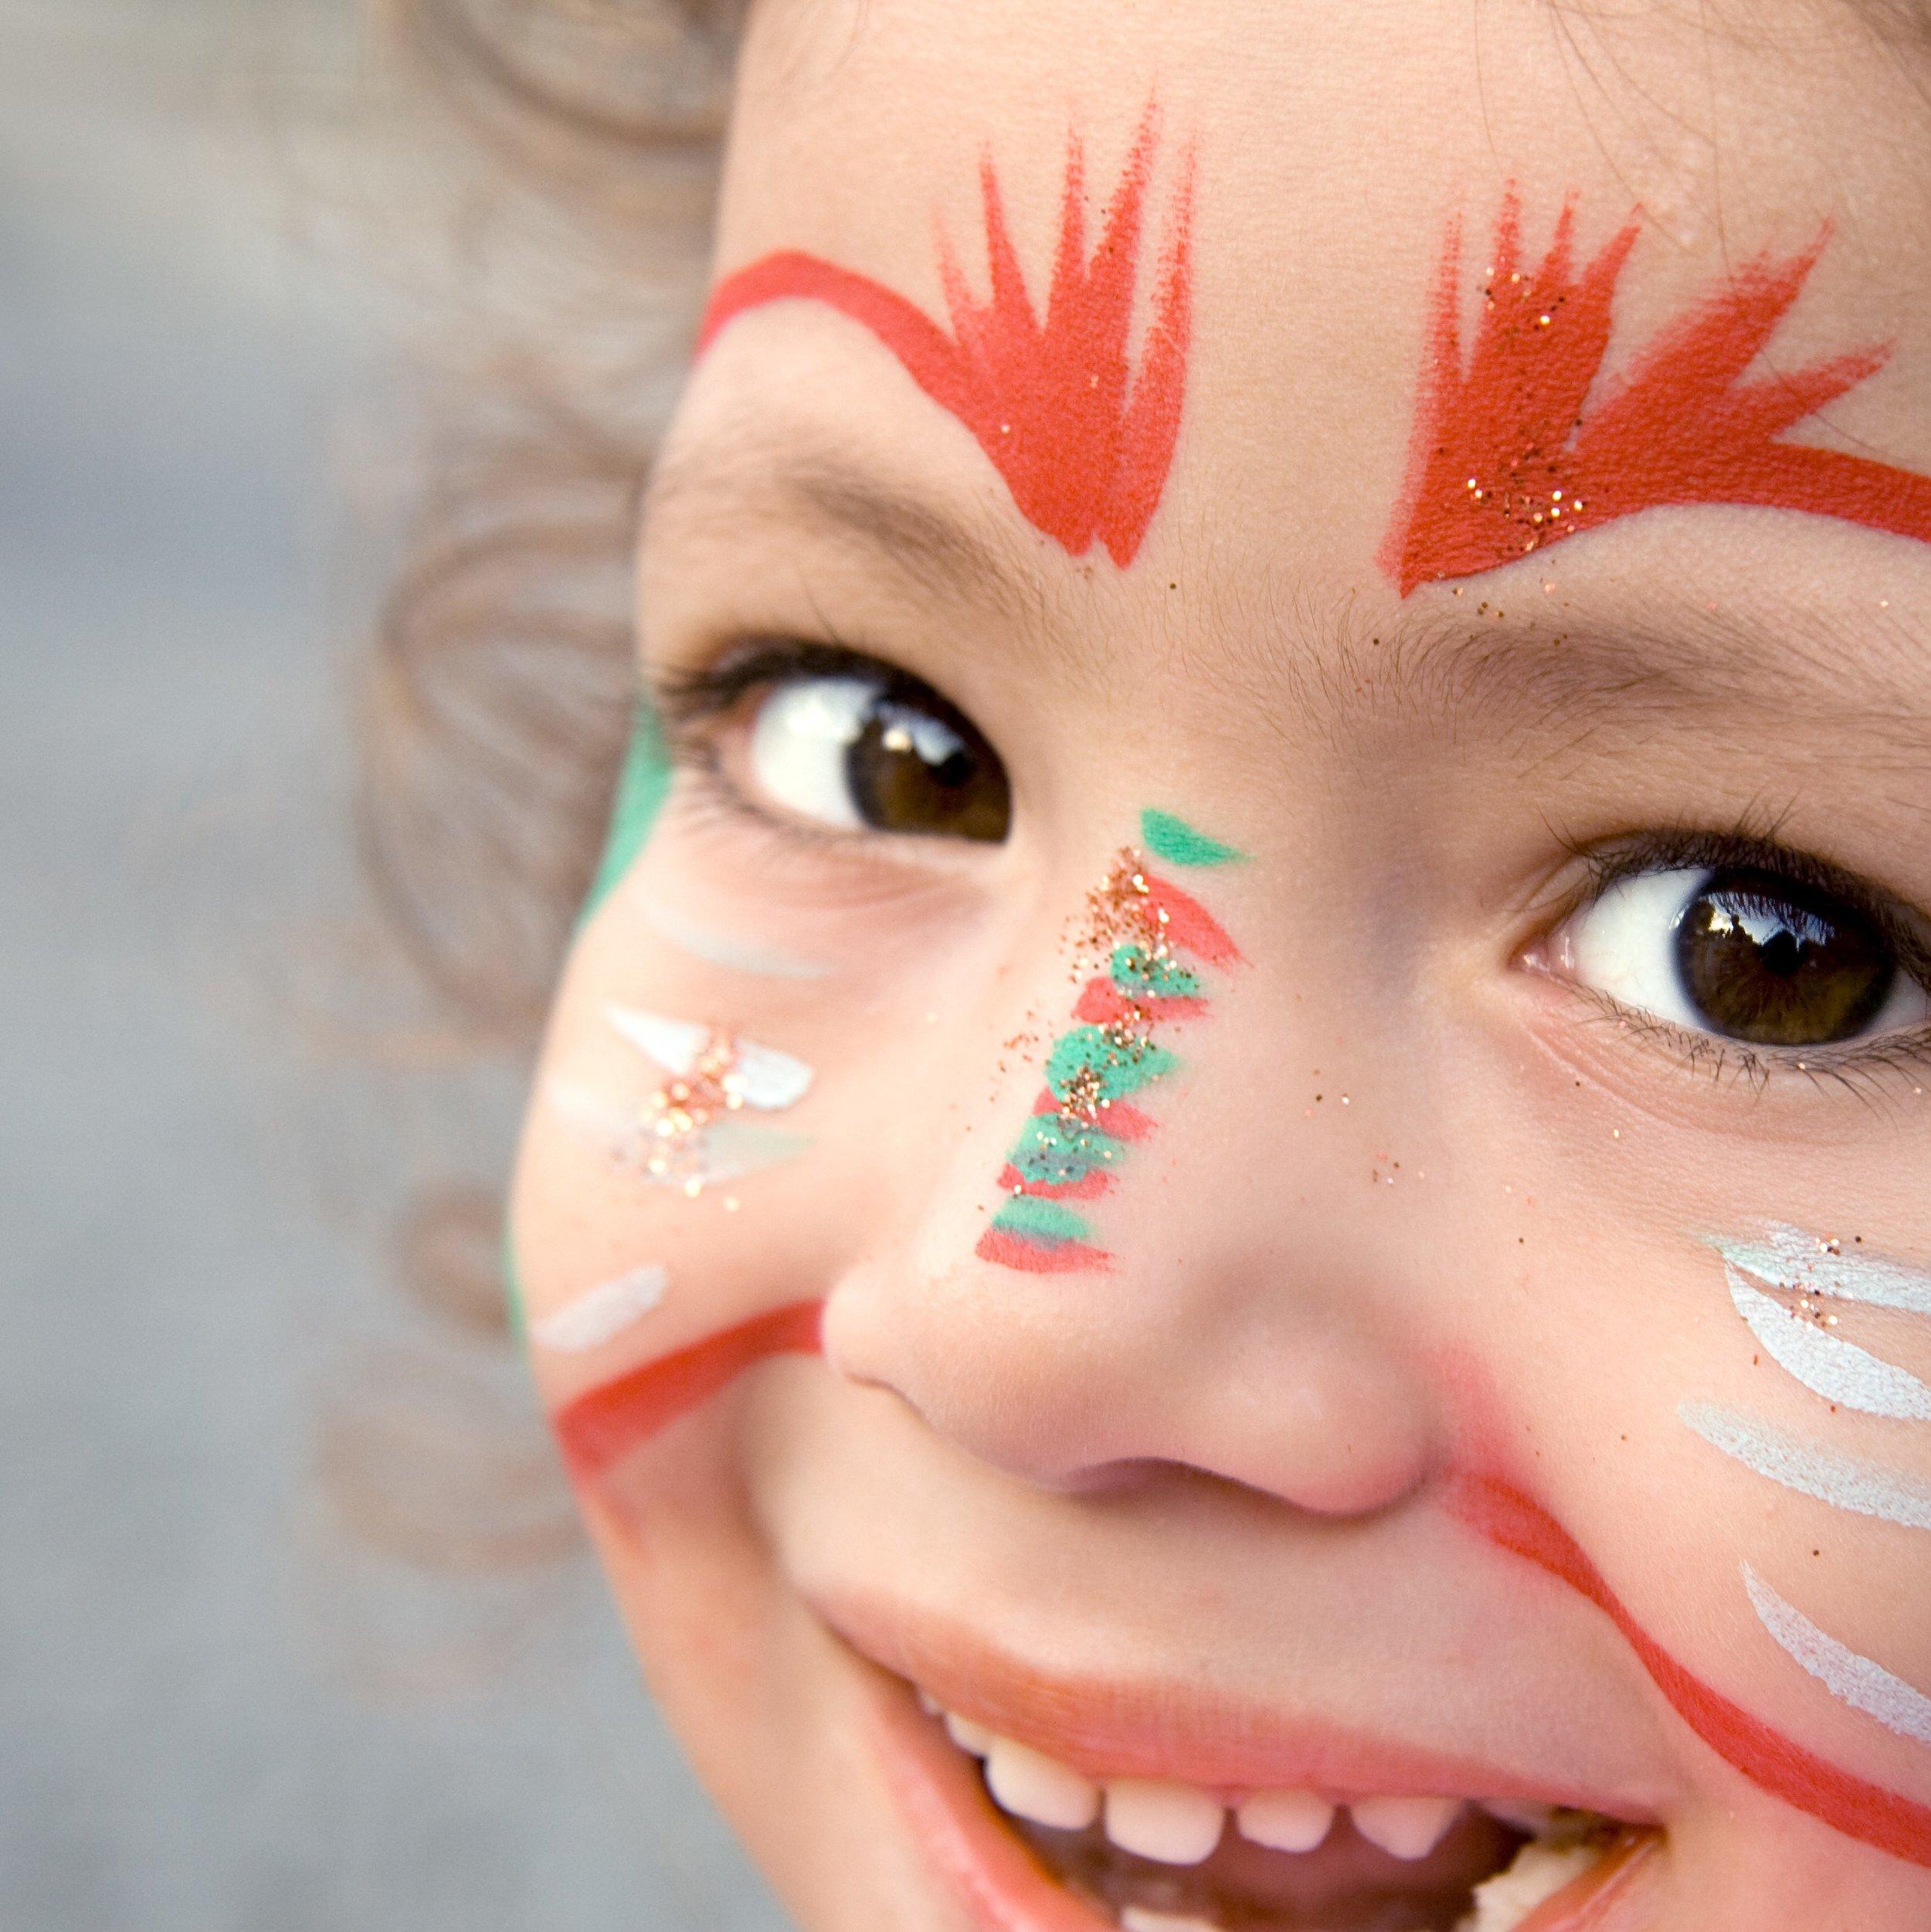 MAQUILLAGE POUR ENFANTS - DATES : Dimanche 9, 16 et 23 décembreSamedi 15 et 22 décembreMercredi 26 décembreJeudi 27 décembreVendredi 28 décembreTOUJOURS ENTRE 14H ET 17HLIEU :Yourte des enfants 1PRIX :CHF 5.-Luciana d'Un Instant Magique est une artiste du maquillage à l'aérographe qui va couvrir de couleur les visages des enfants.